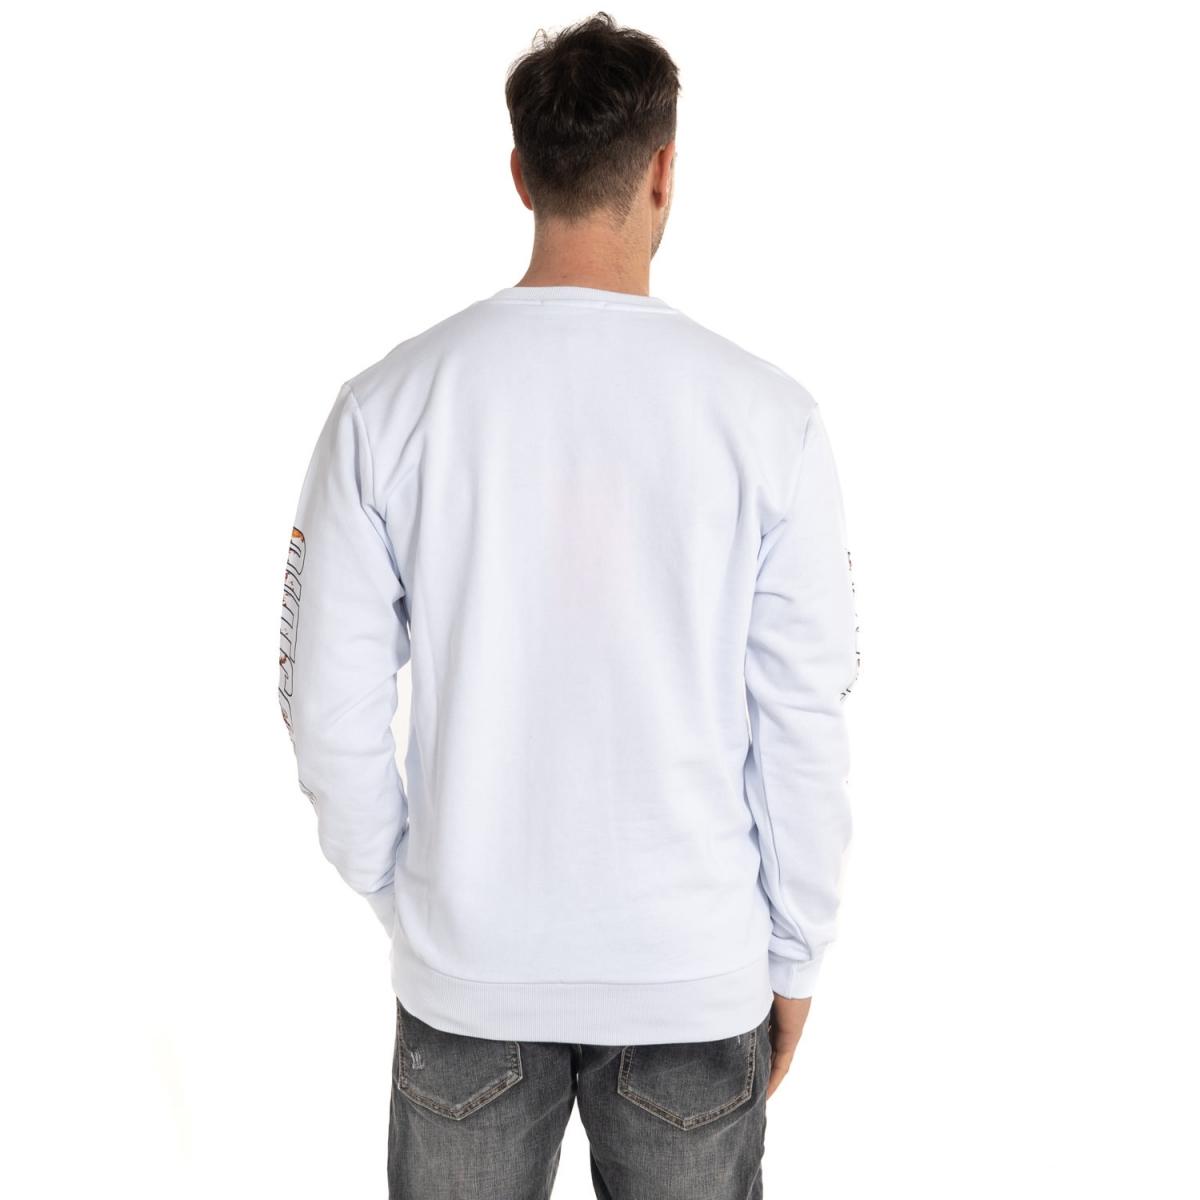 Kleidung Sweatshirts mann Felpa GLUG70673 GIANNI LUPO Cafedelmar Shop